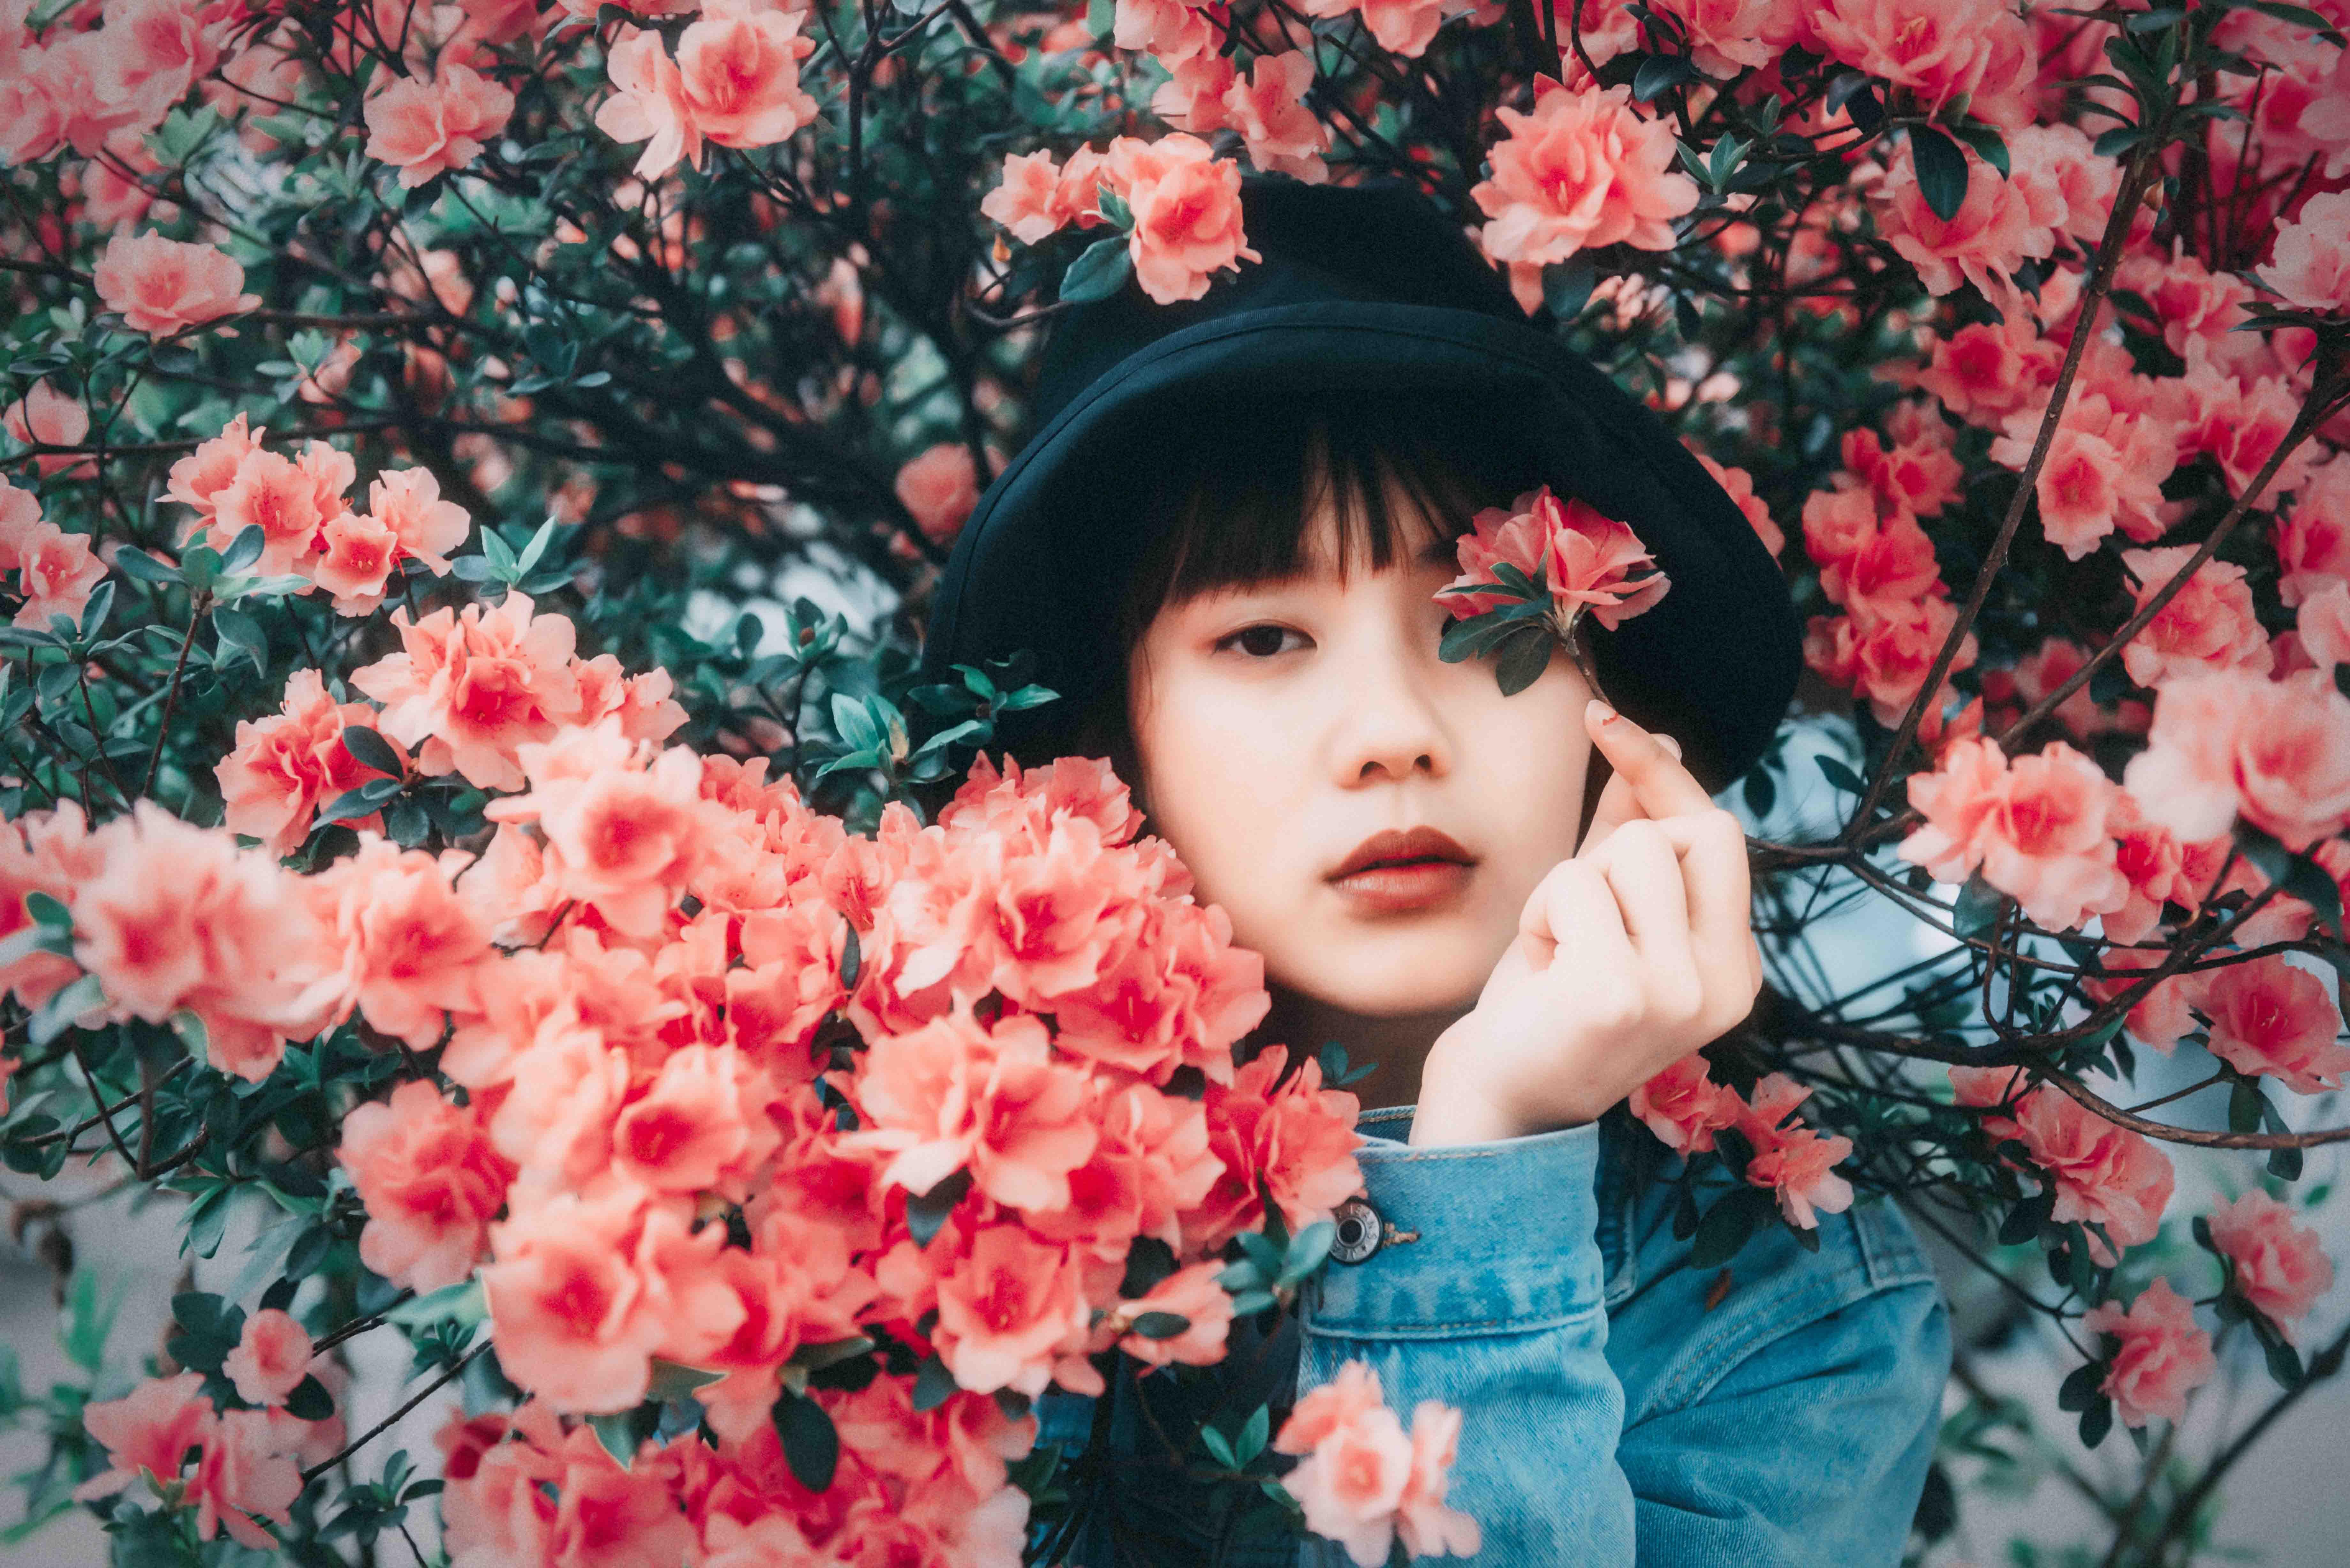 người hướng nội cầm bông hoa giấy